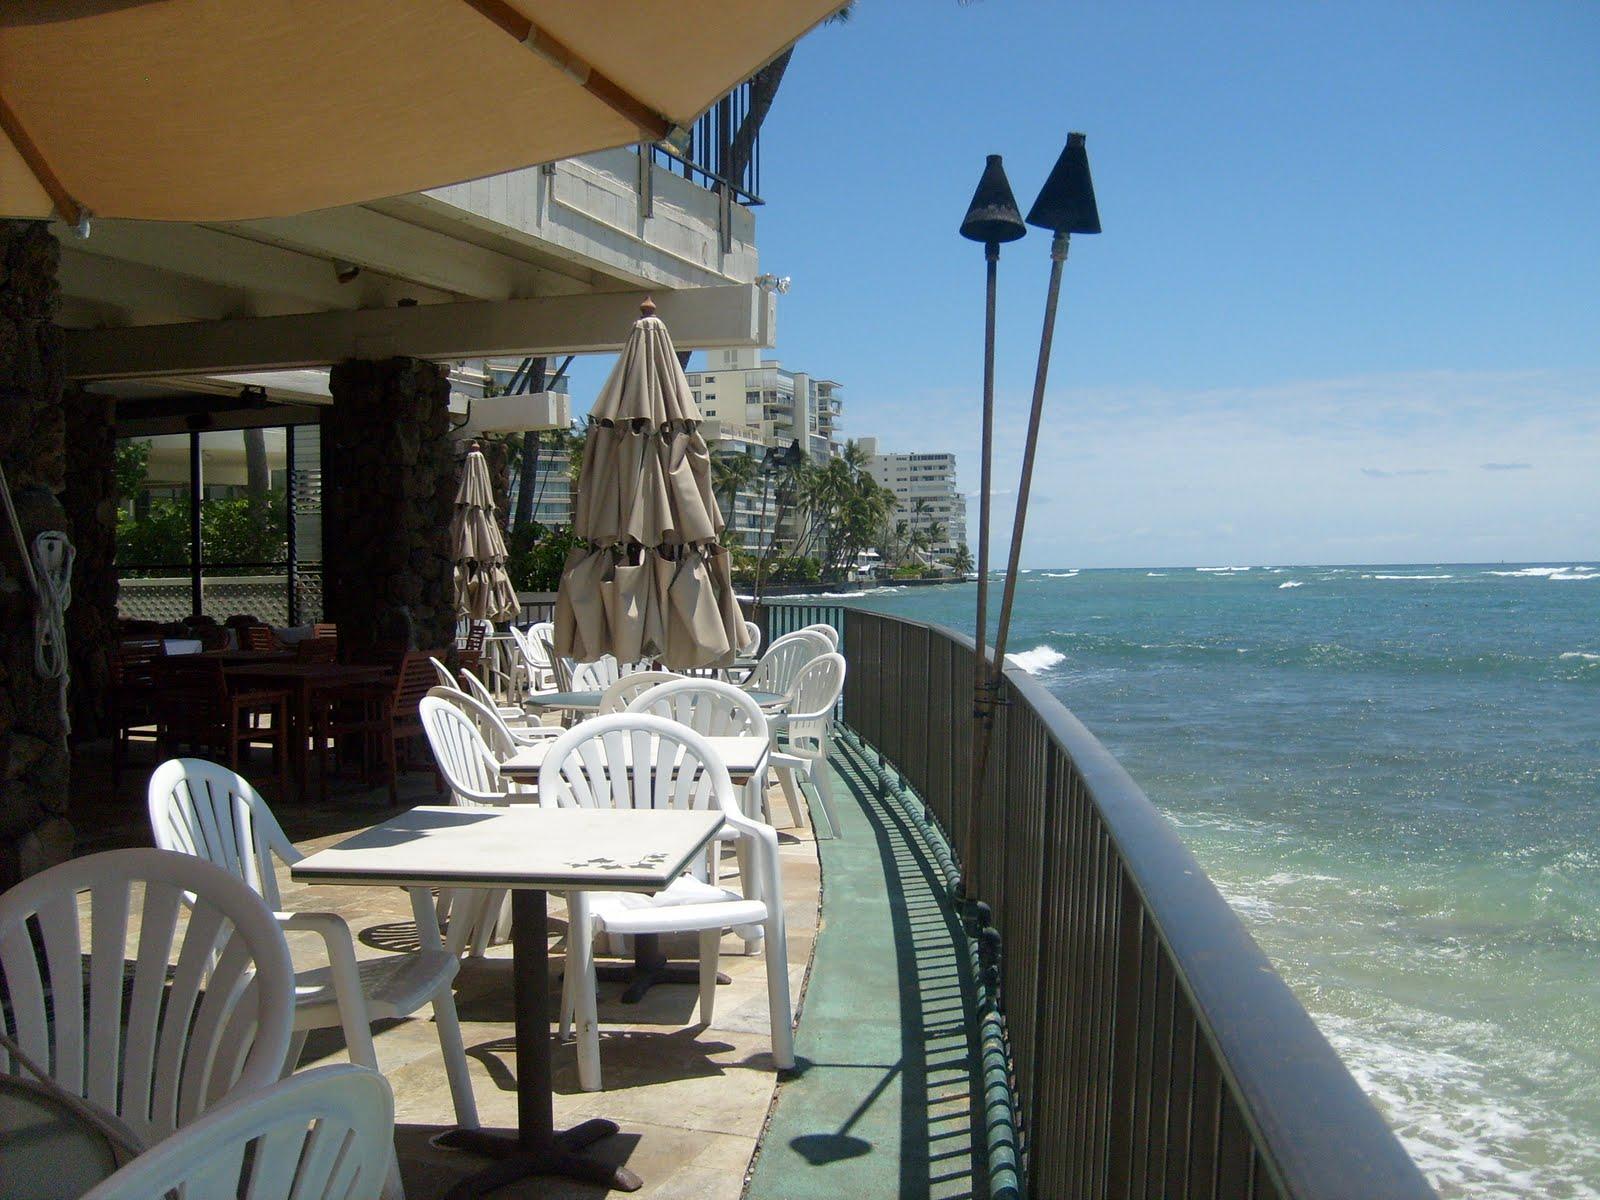 Pearl Harbor Oahu >> Travel Rewards: Hawaii - Honolulu Elks Lodge 616 on the Ocean